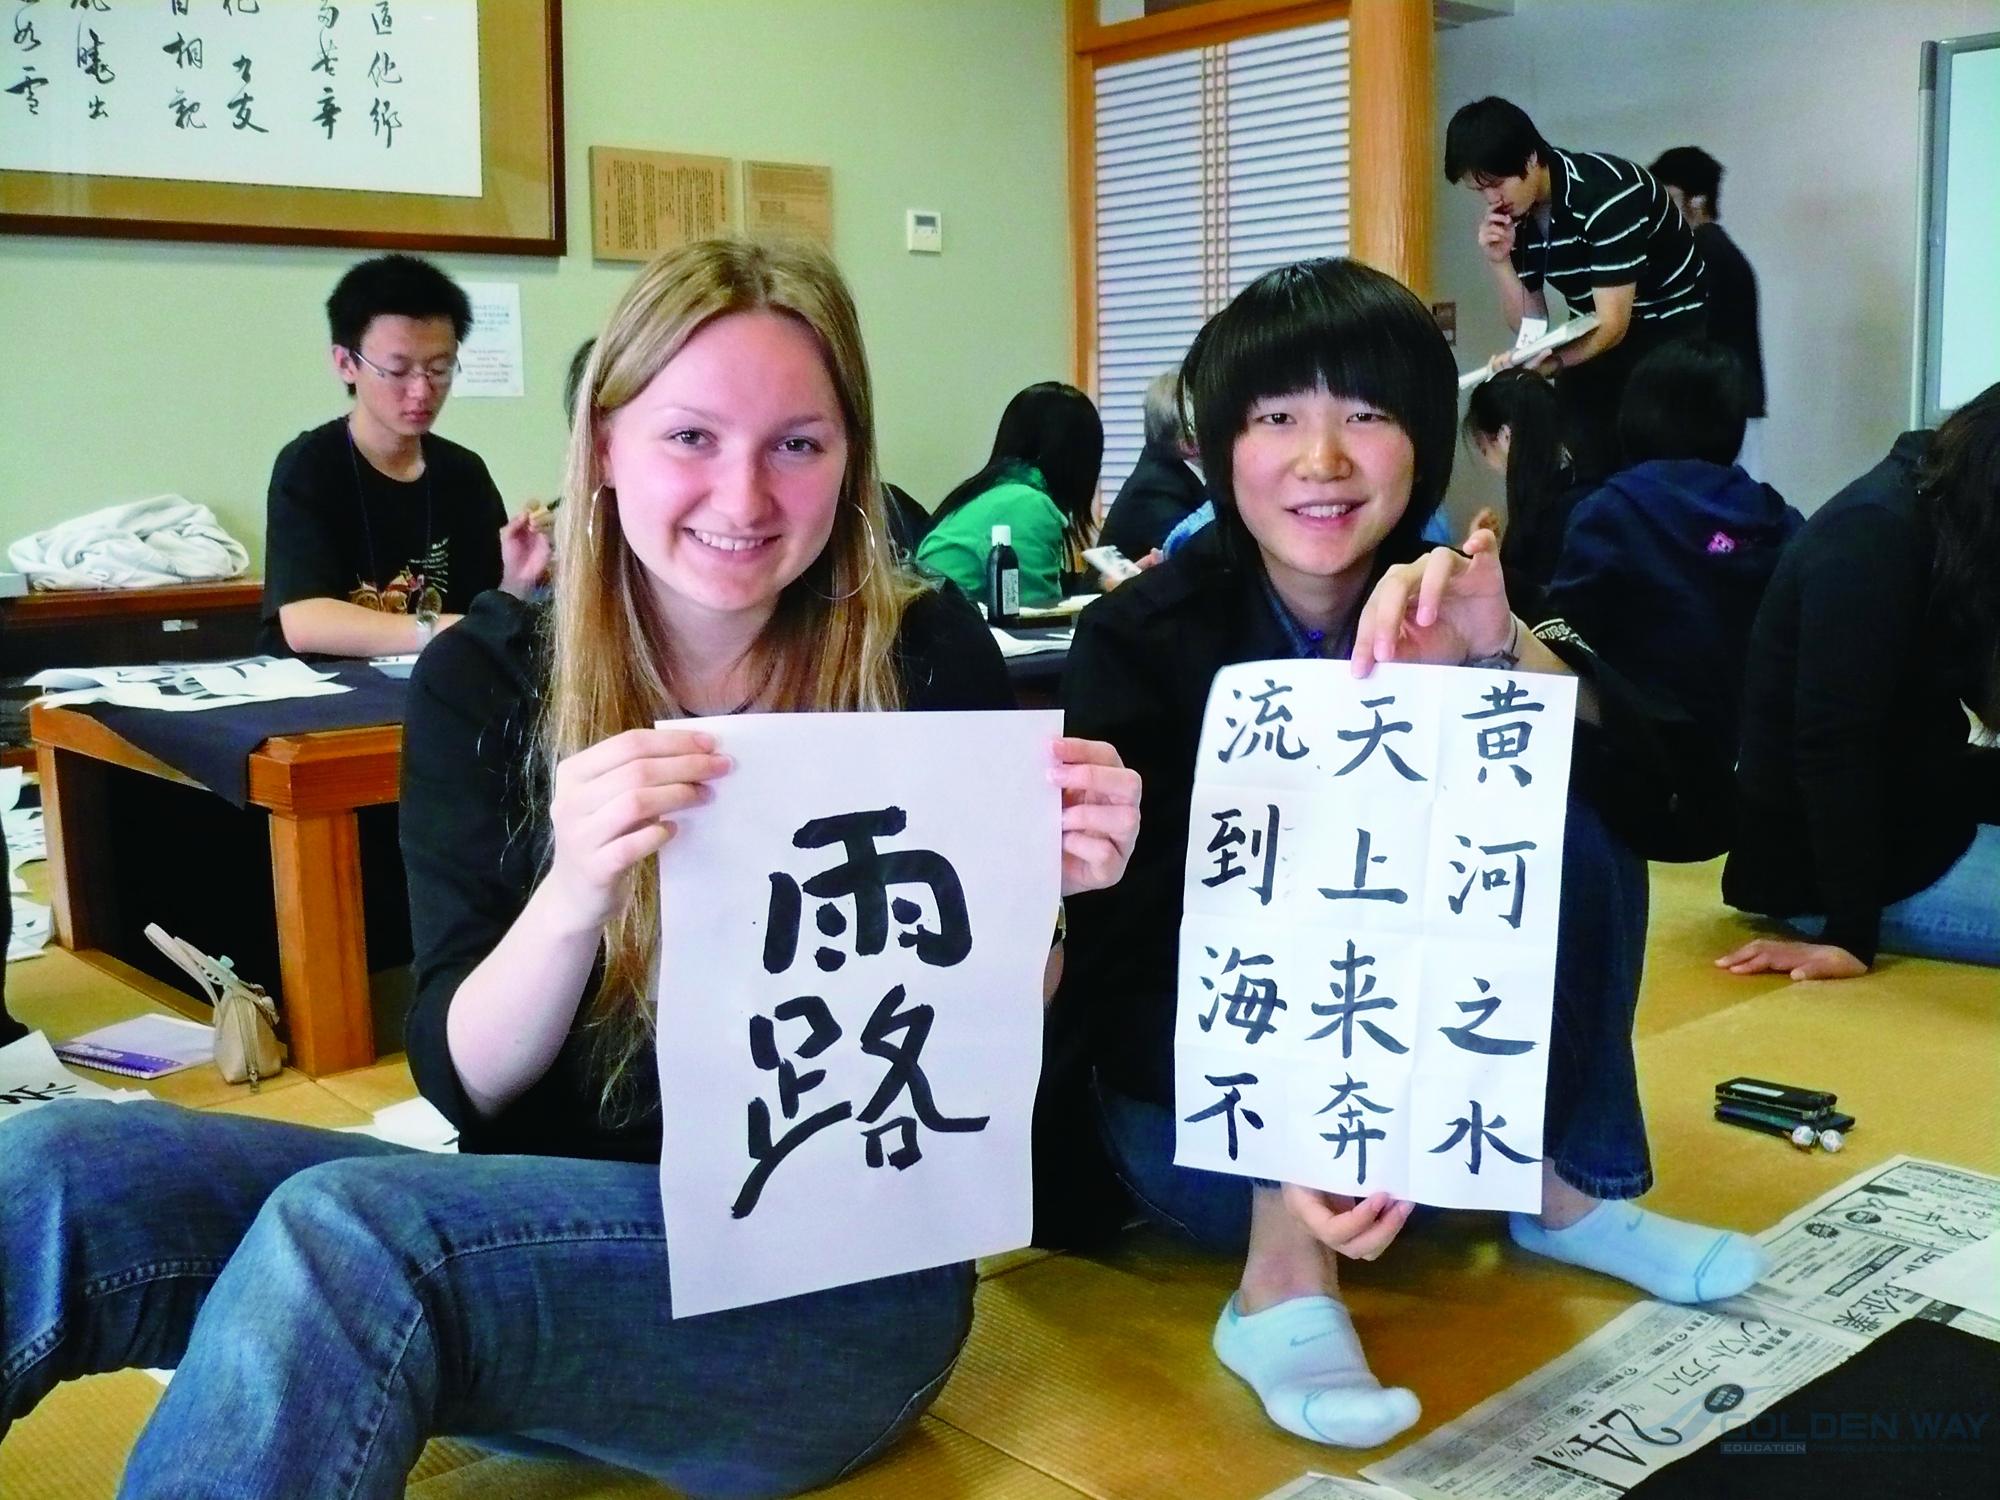 Nhật Bản là cái nôi của nhiều nền văn hóa